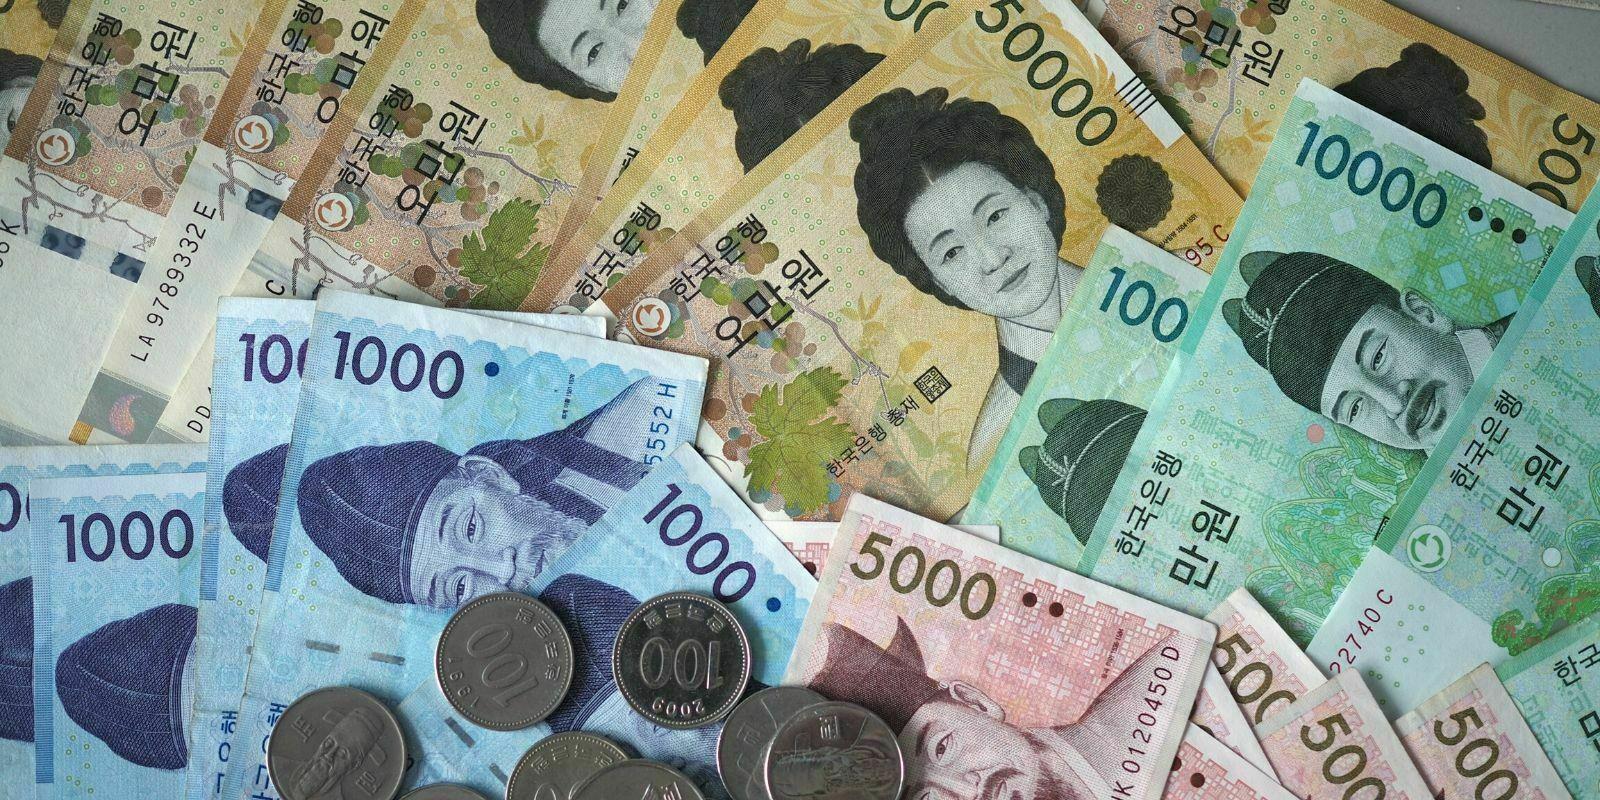 La Corée du Sud investit $9M dans des startups blockchain